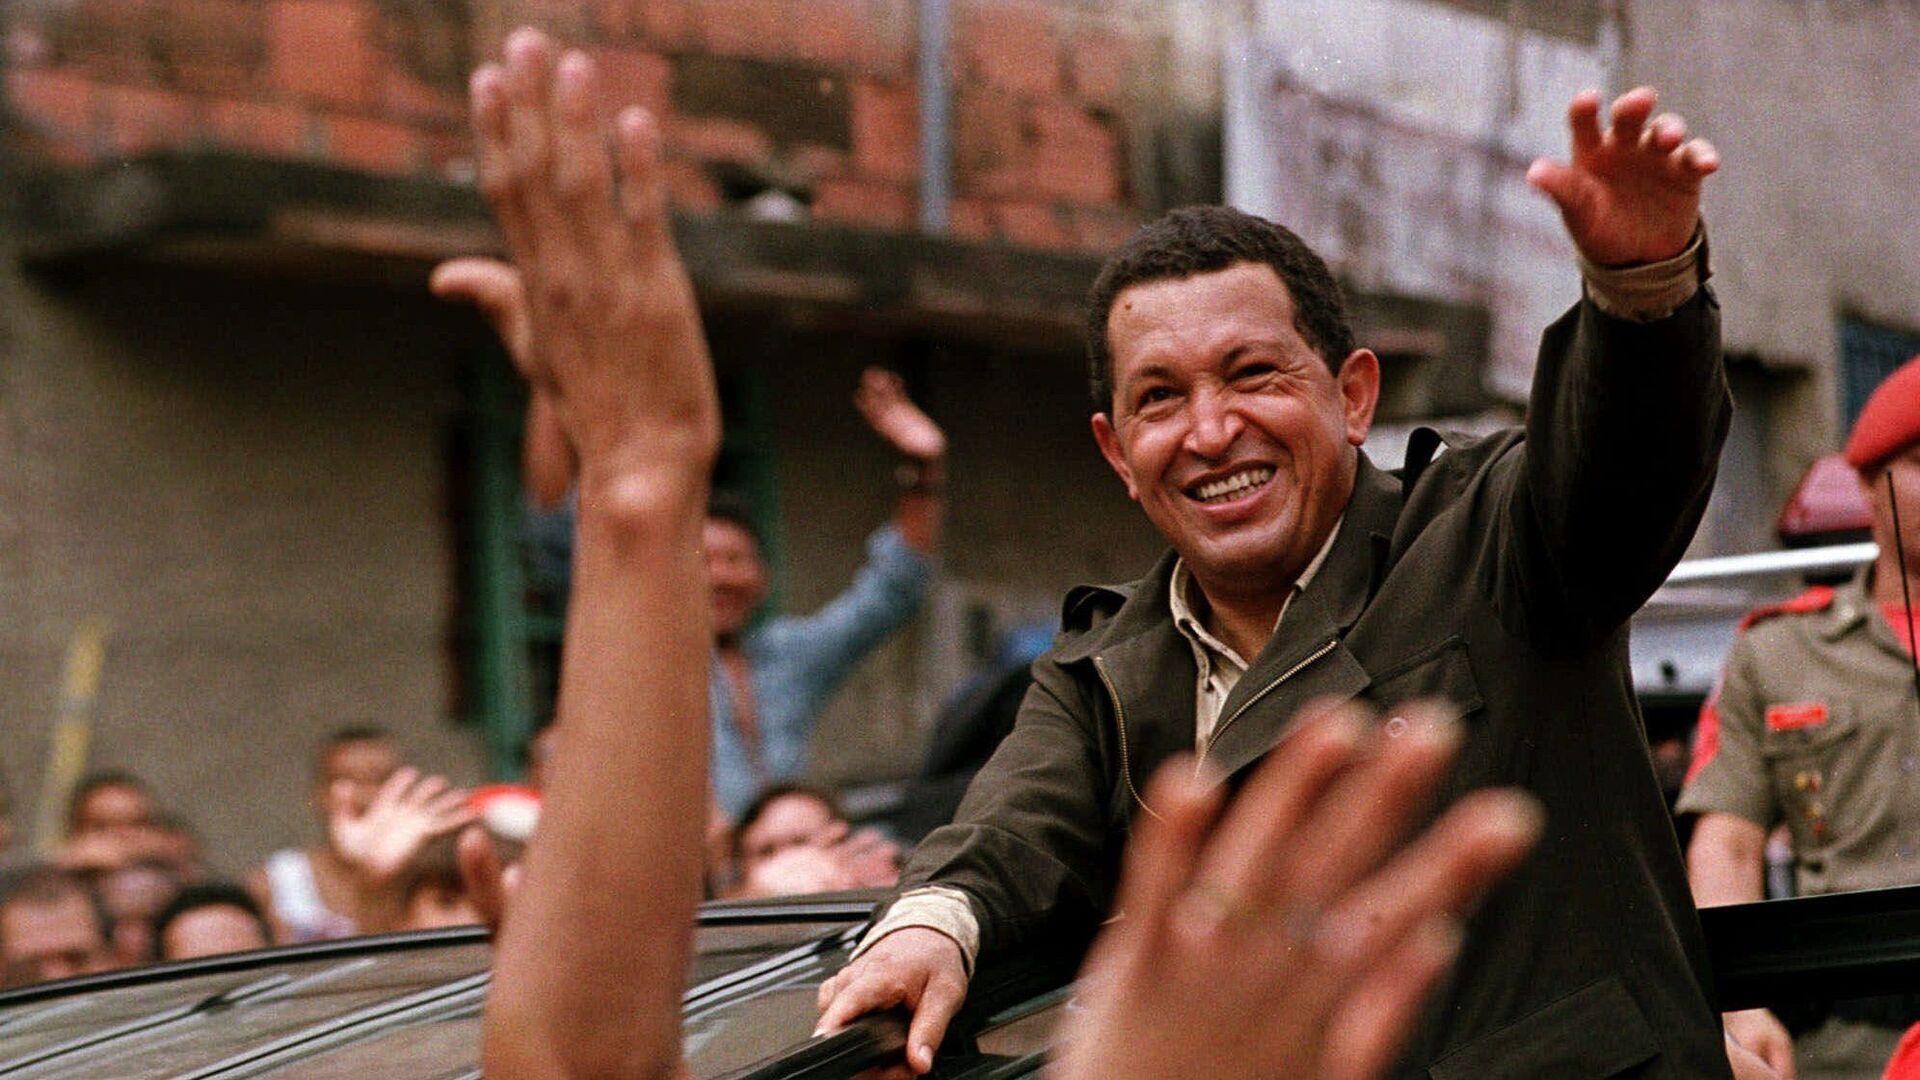 Президент Венесуэлы Уго Чавес. 1999 год - РИА Новости, 1920, 02.02.2019